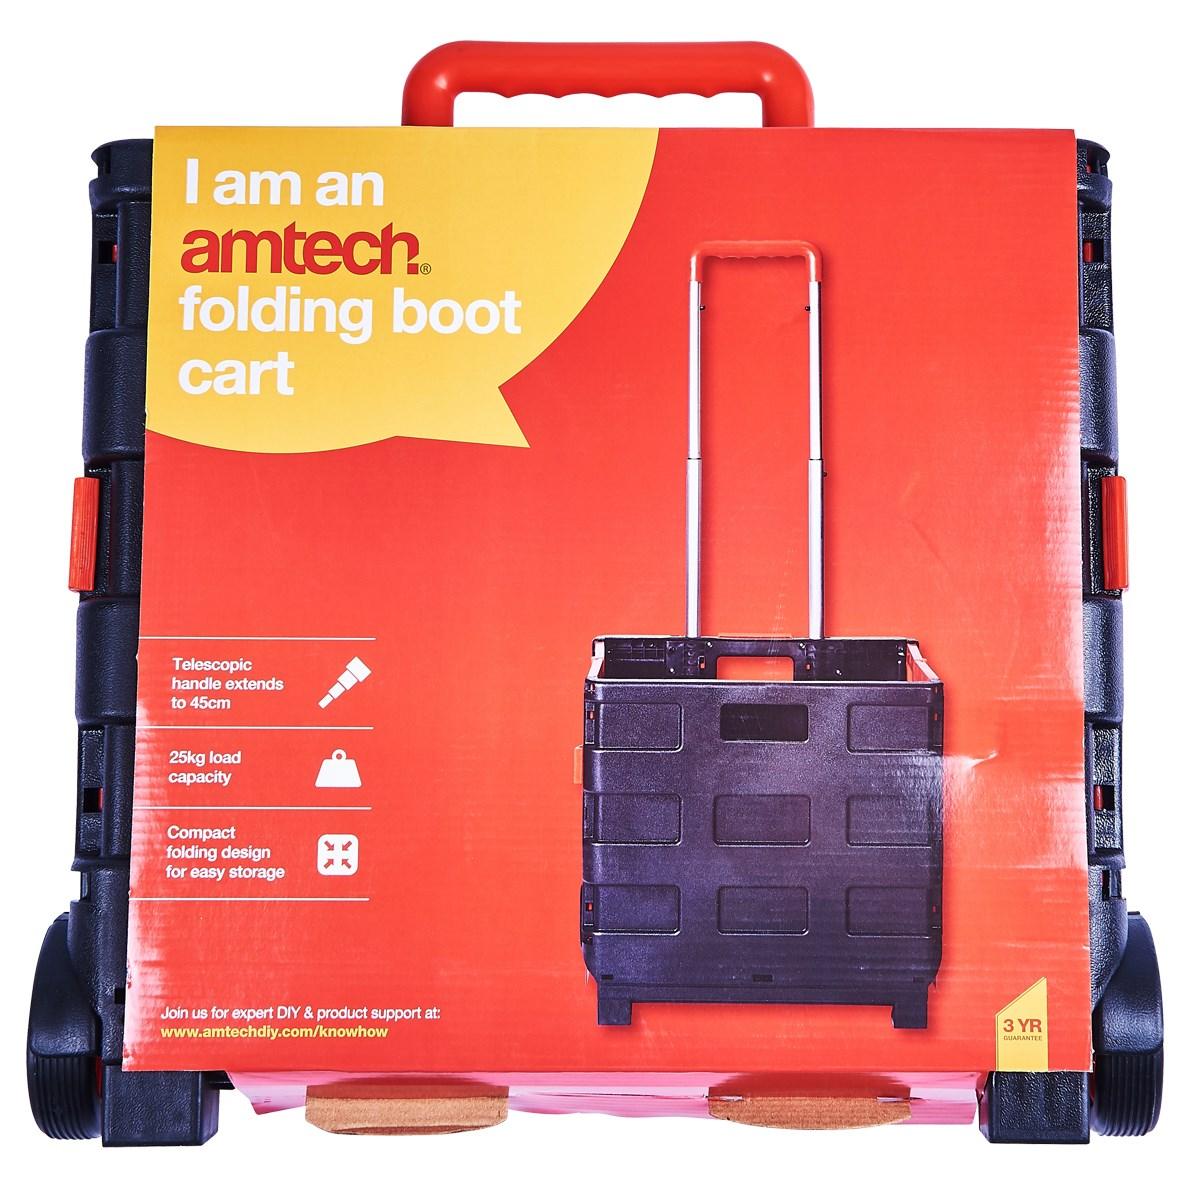 folding boot cart - Amtech